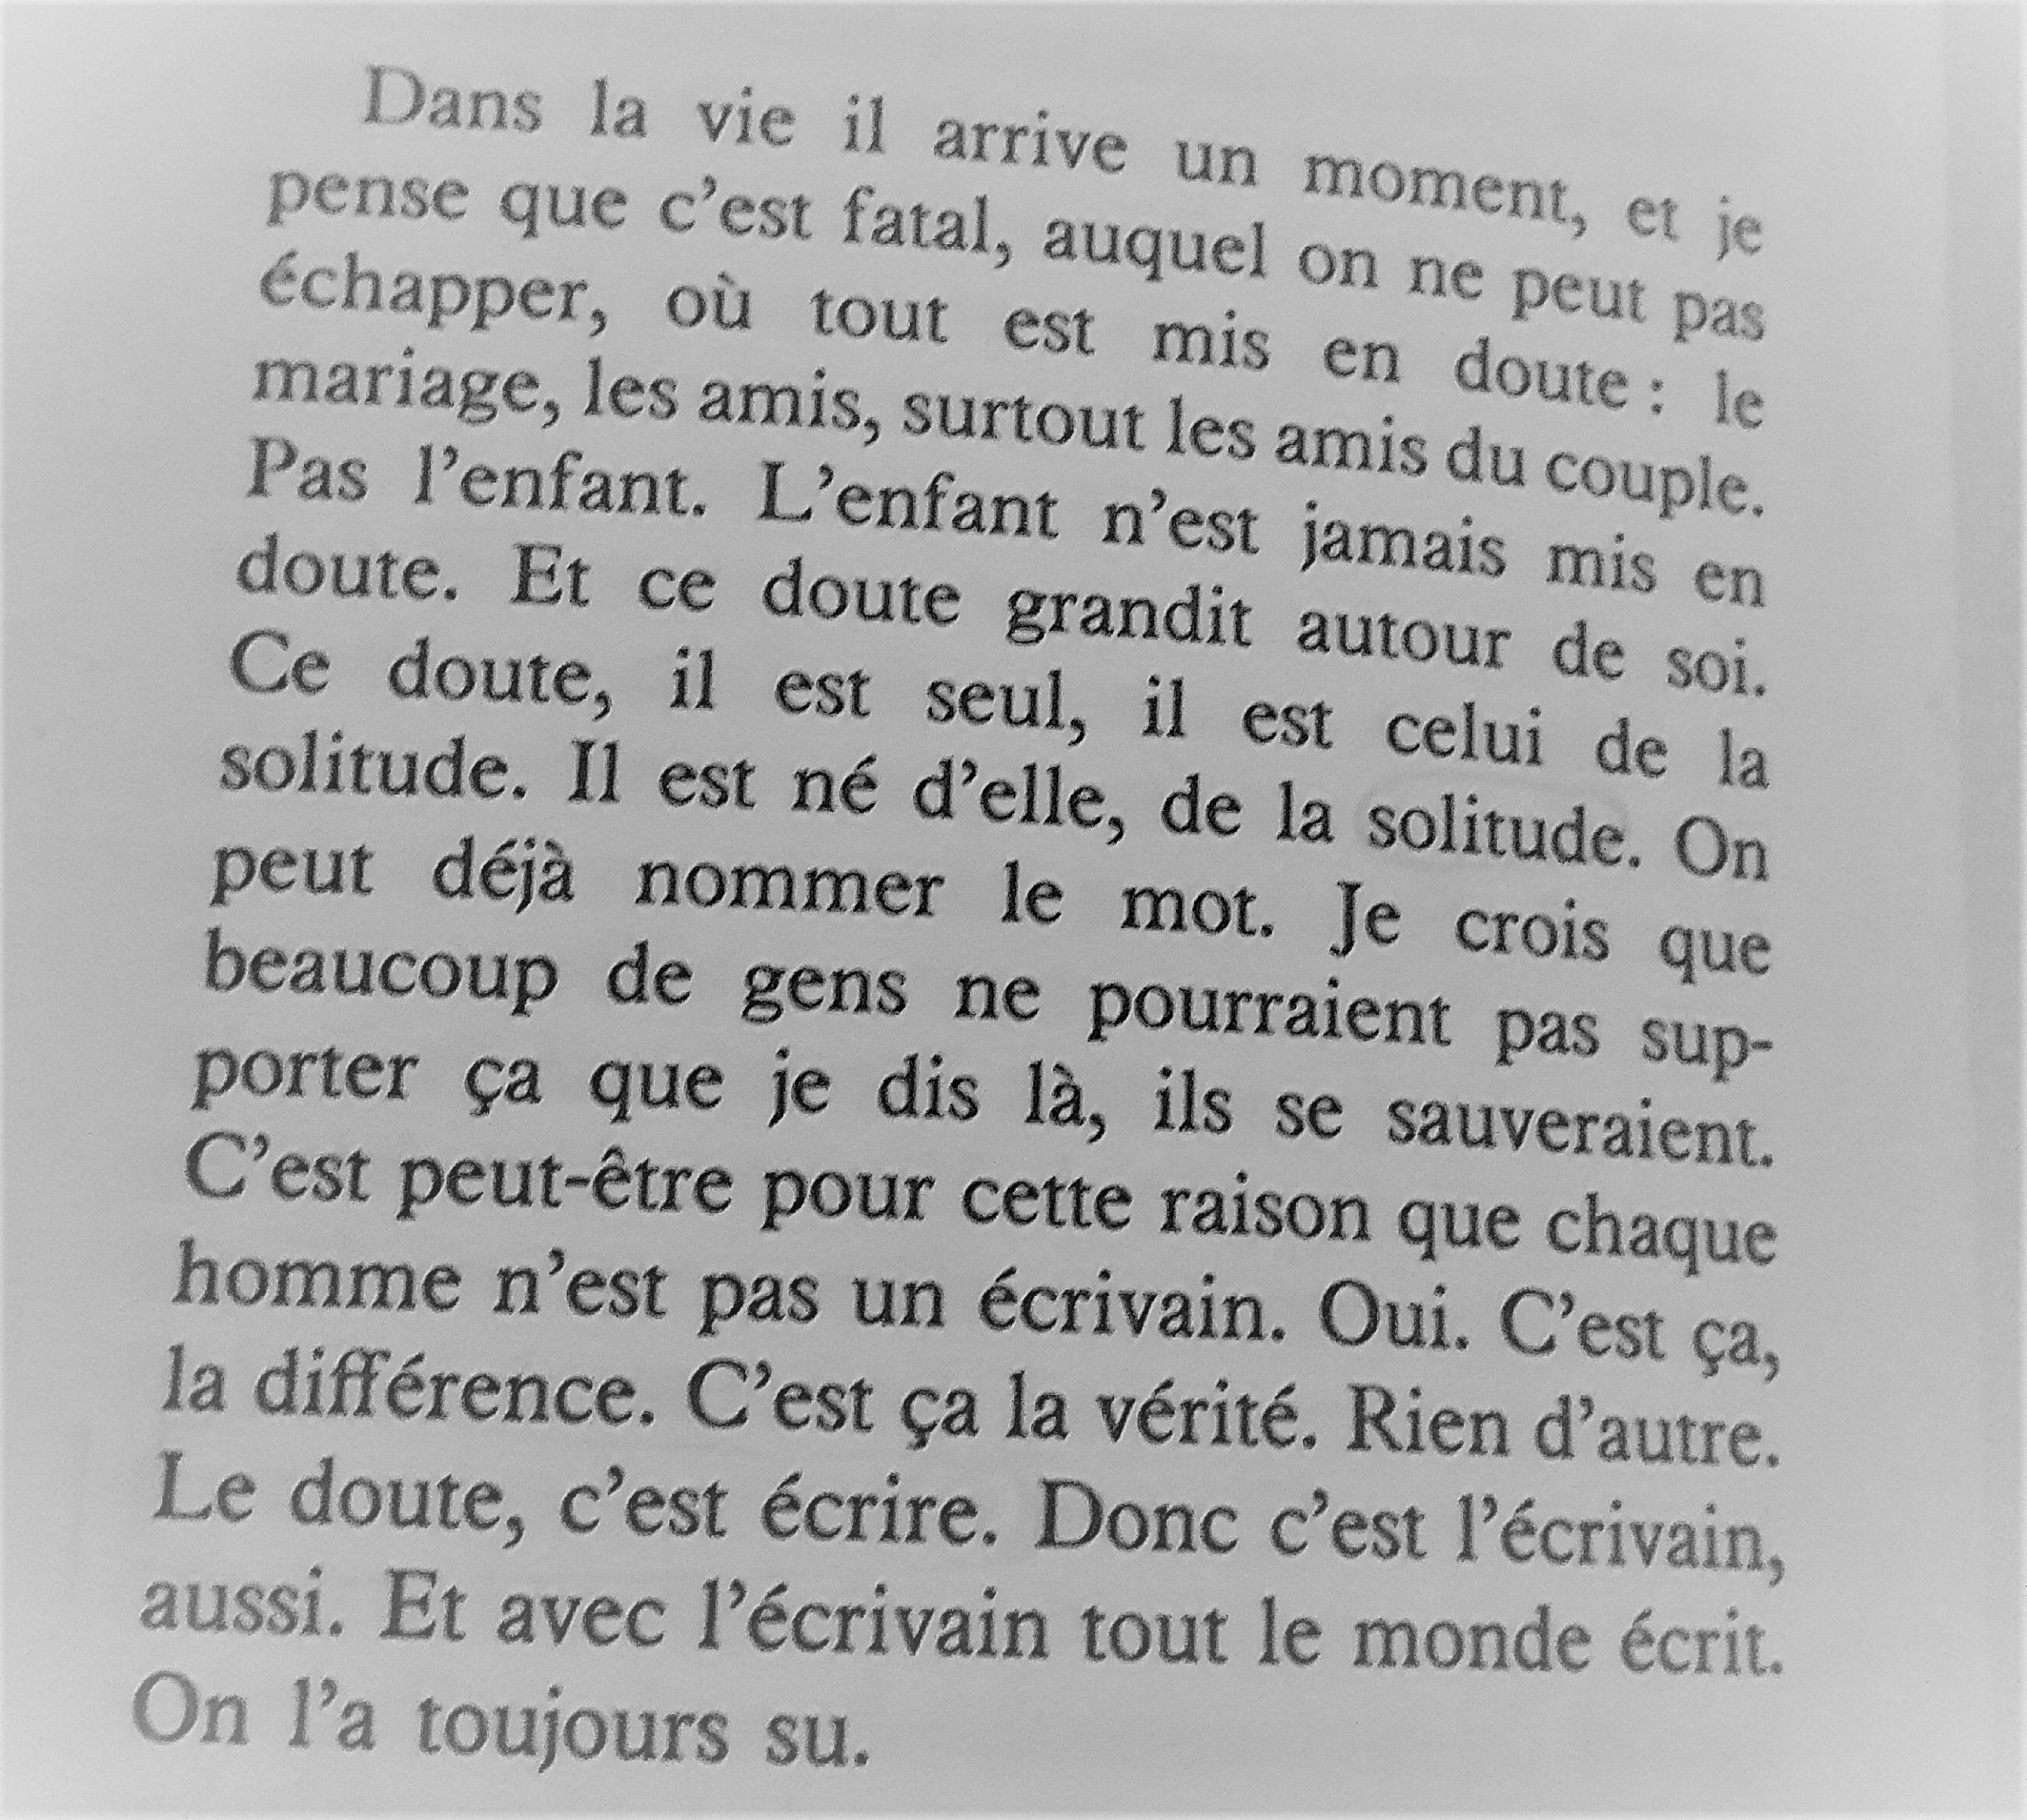 Extrait du livre Ecrire de Marguerite Duras